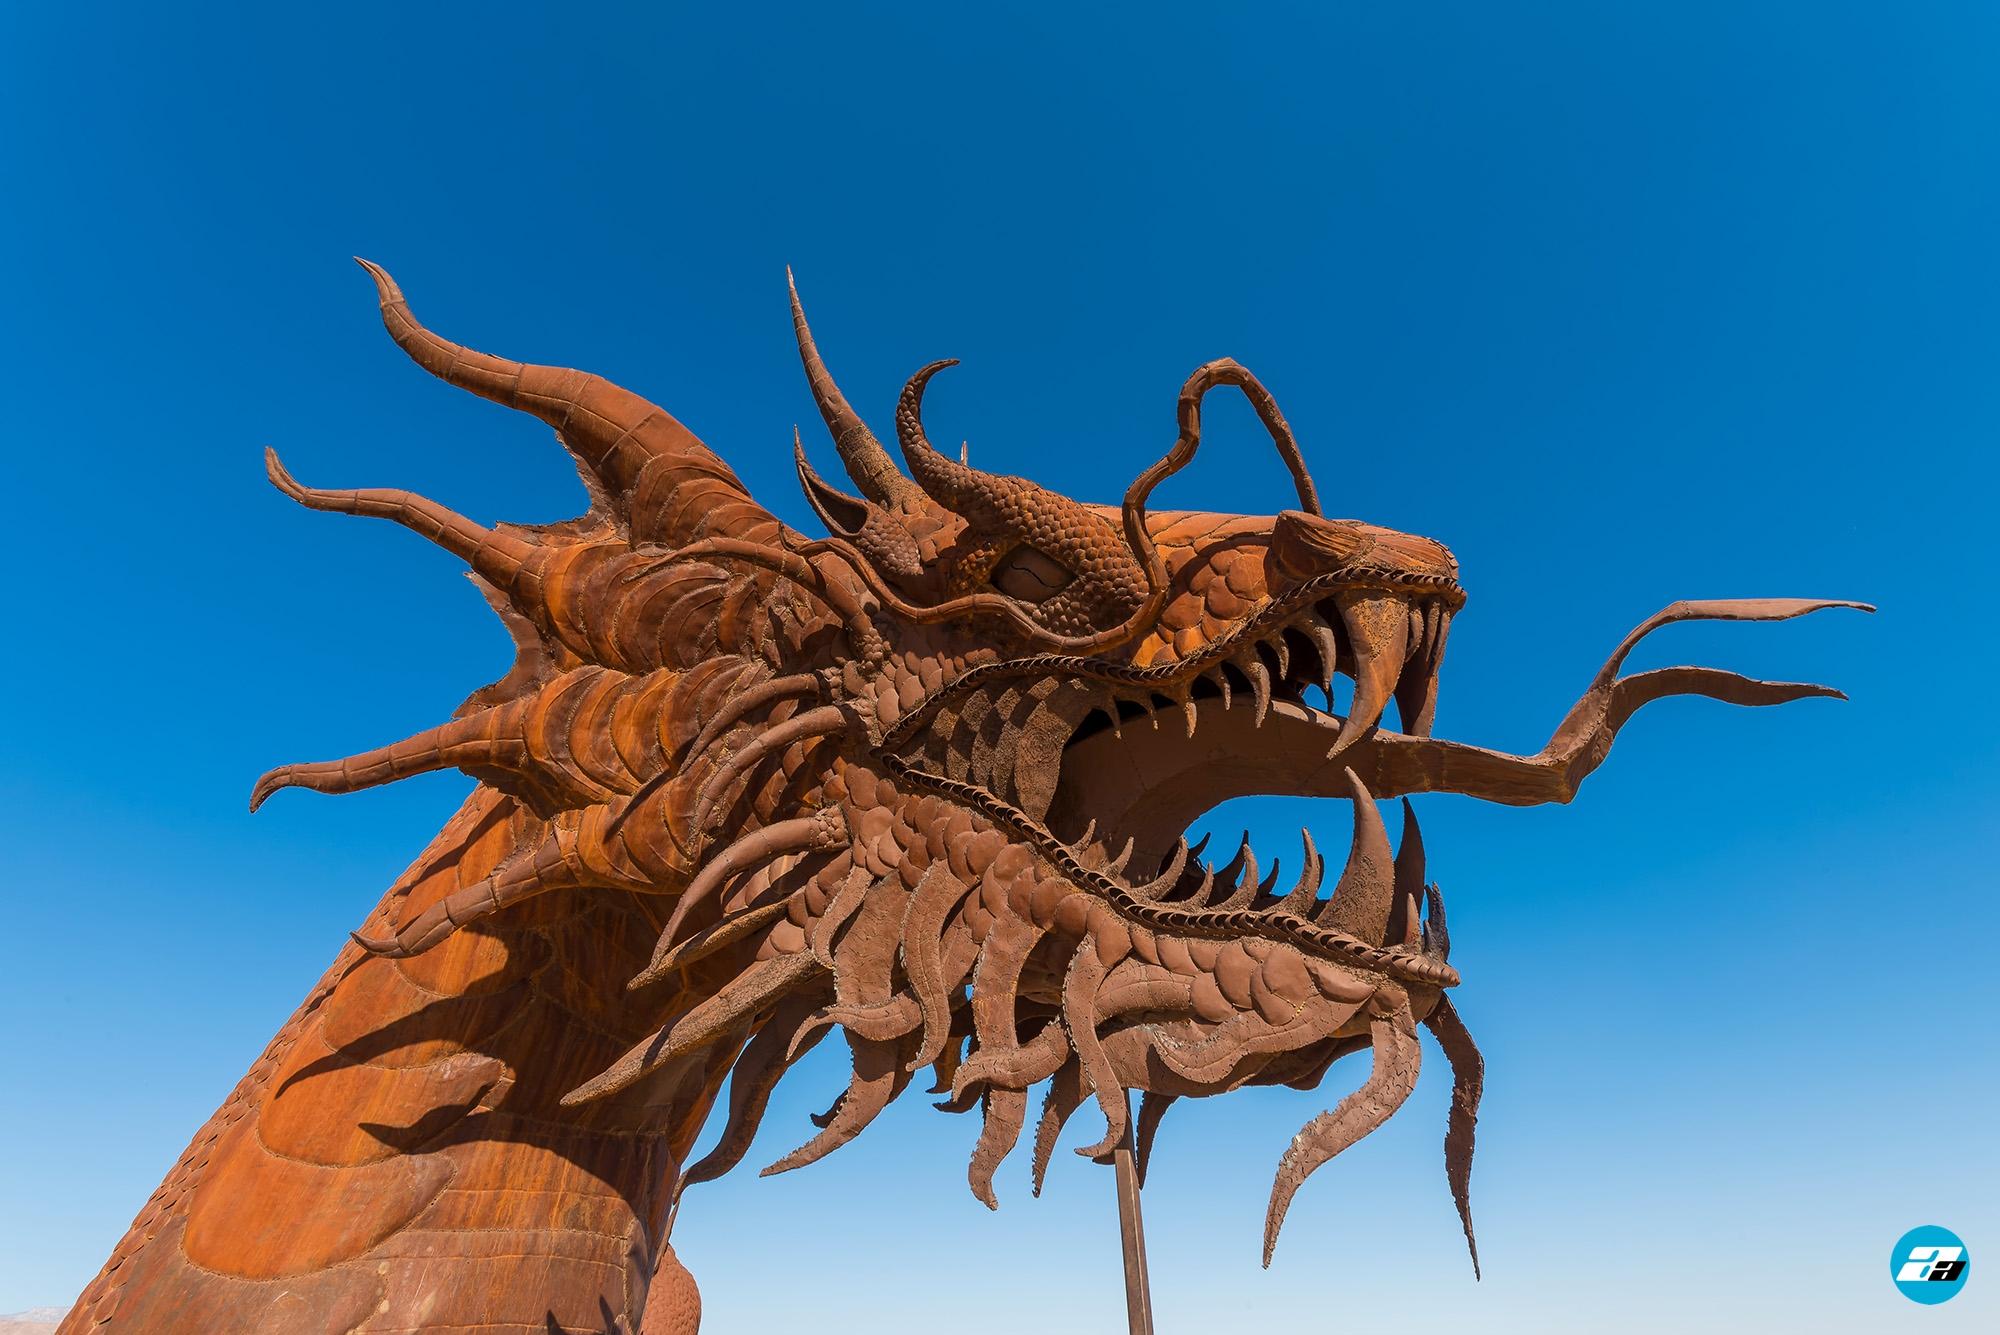 Anza-Borrego Desert, California, USA. Metal Serpent / Dragon. Ricardo Breceda Sculptures